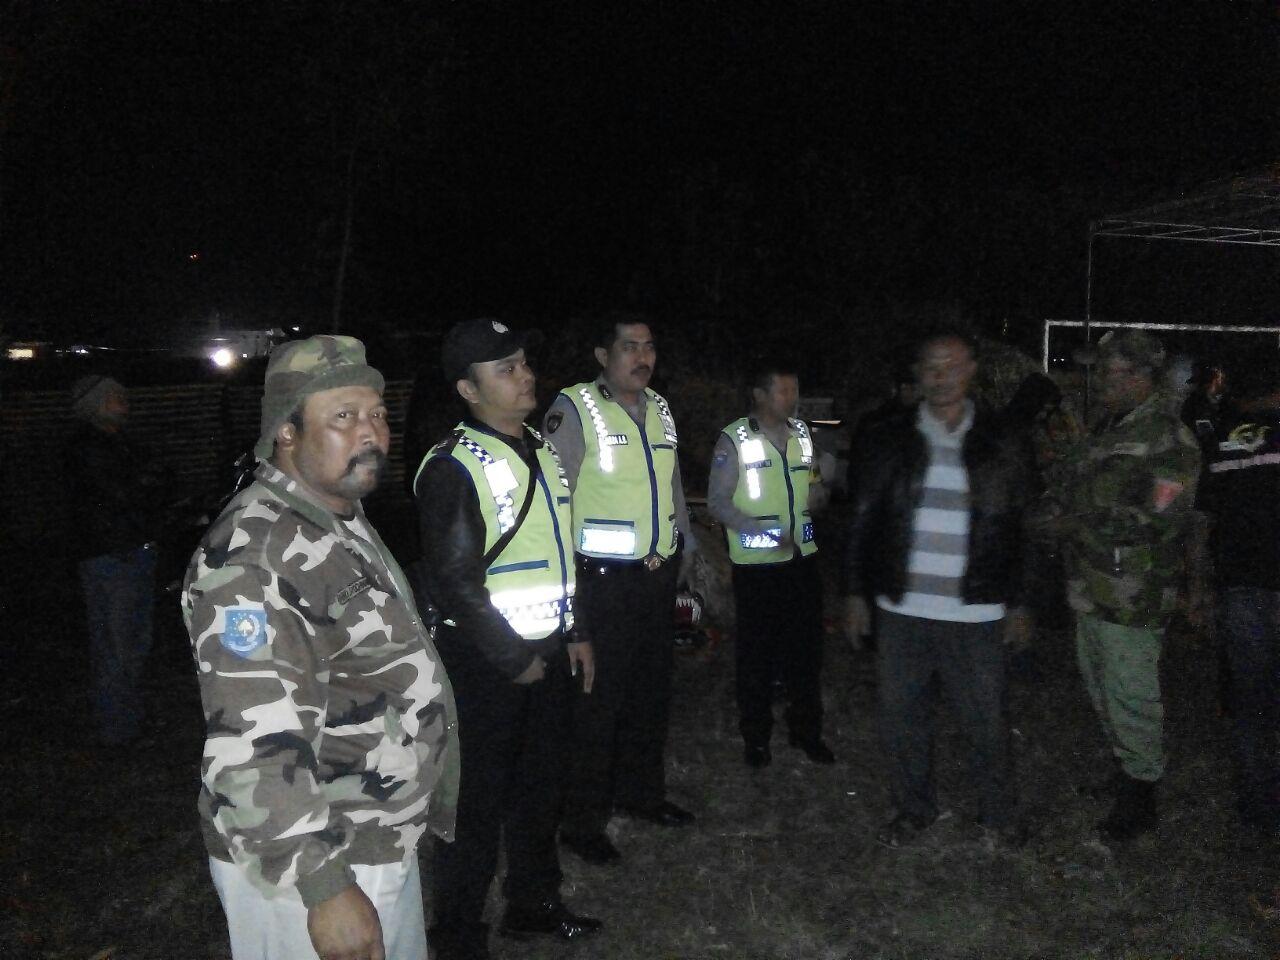 Anggota Polsek Junrejo Polres Batu Laksanakan Giat Patroli Malam